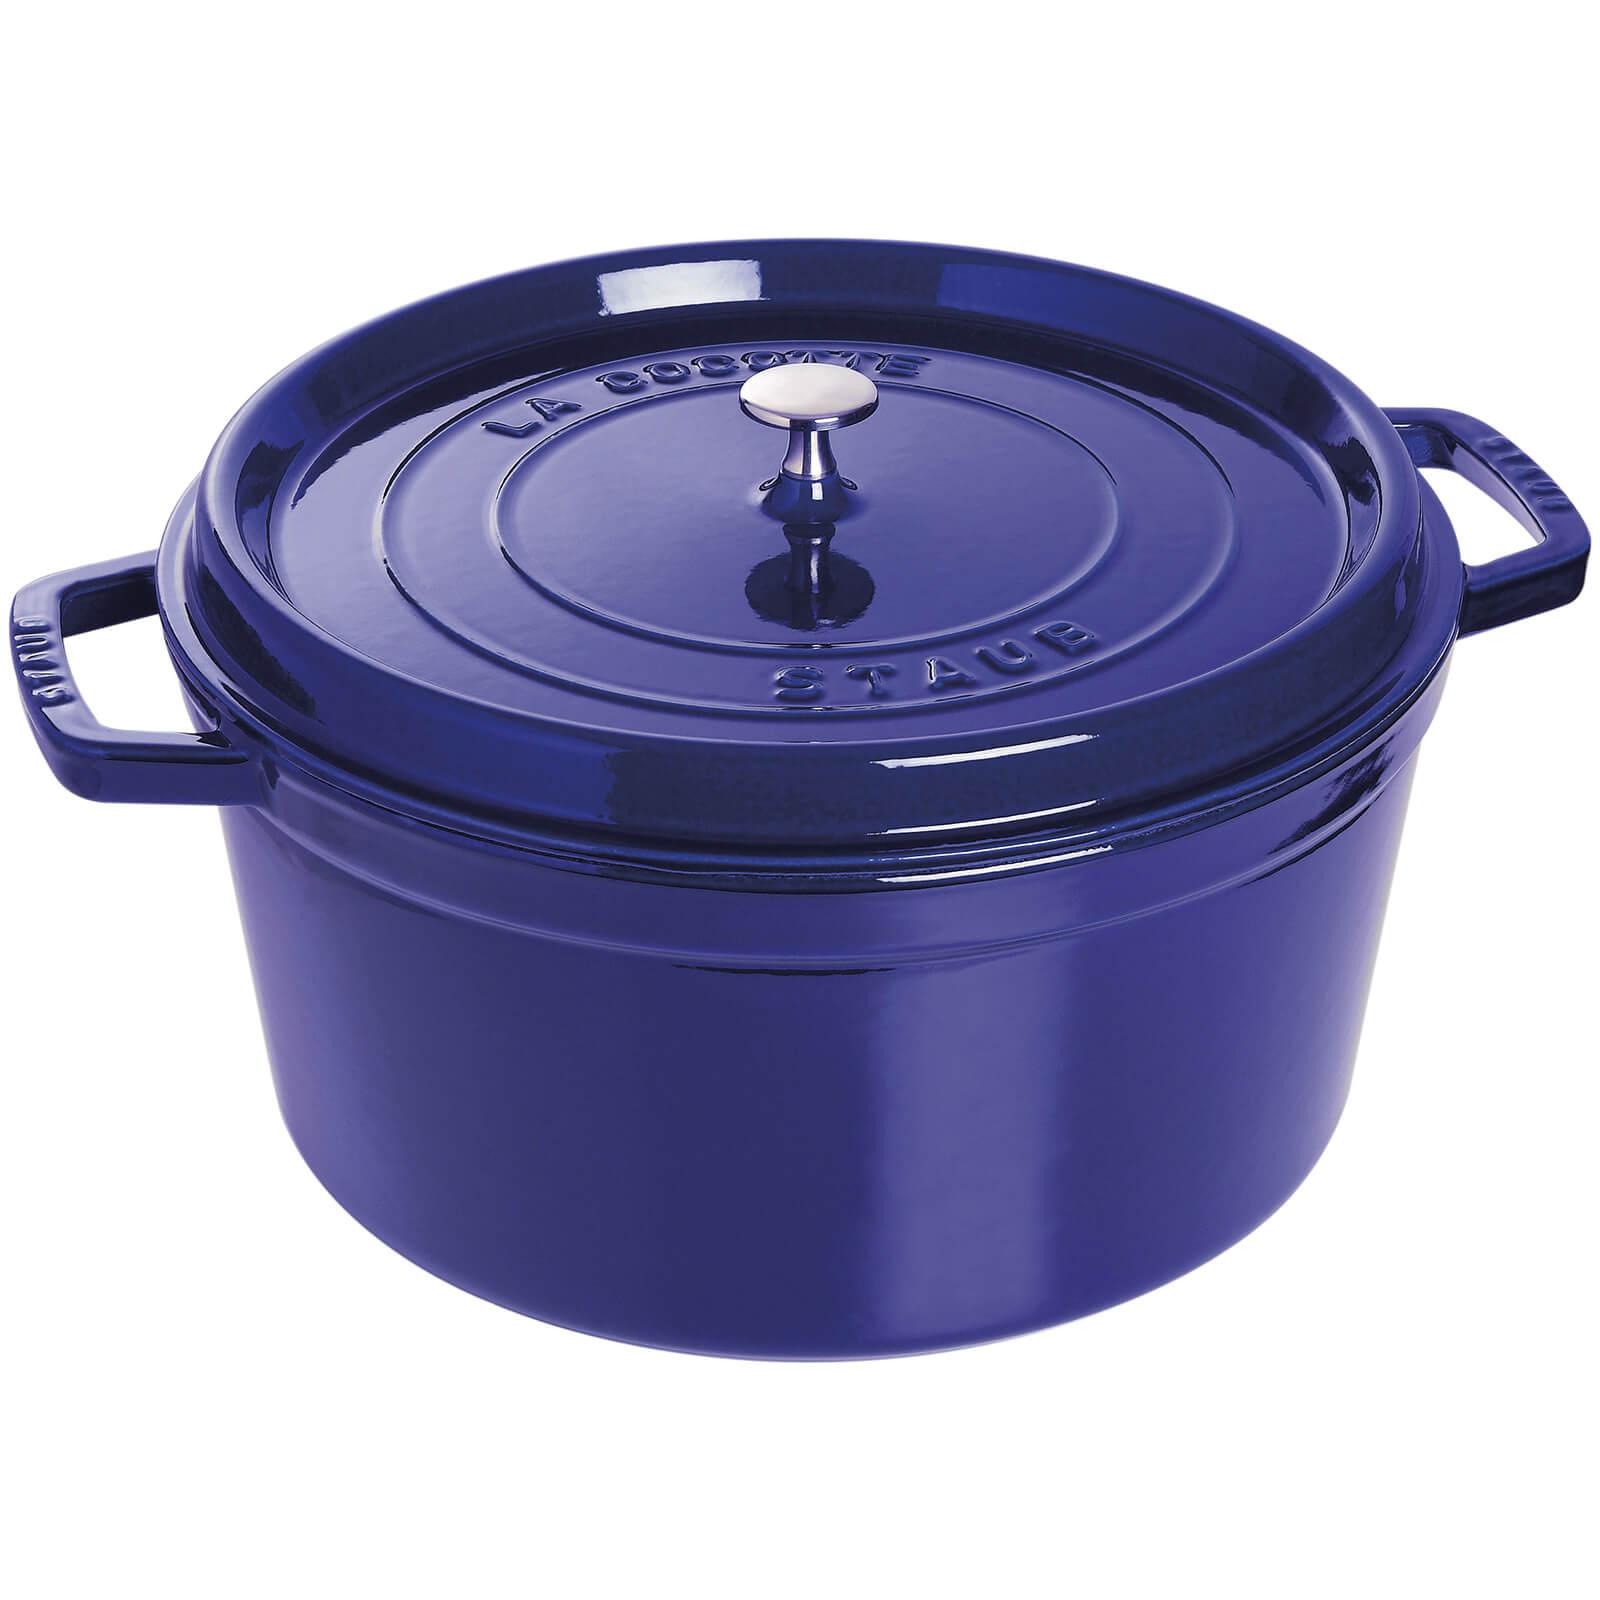 Staub Round Cocotte - Dark Blue - 30cm